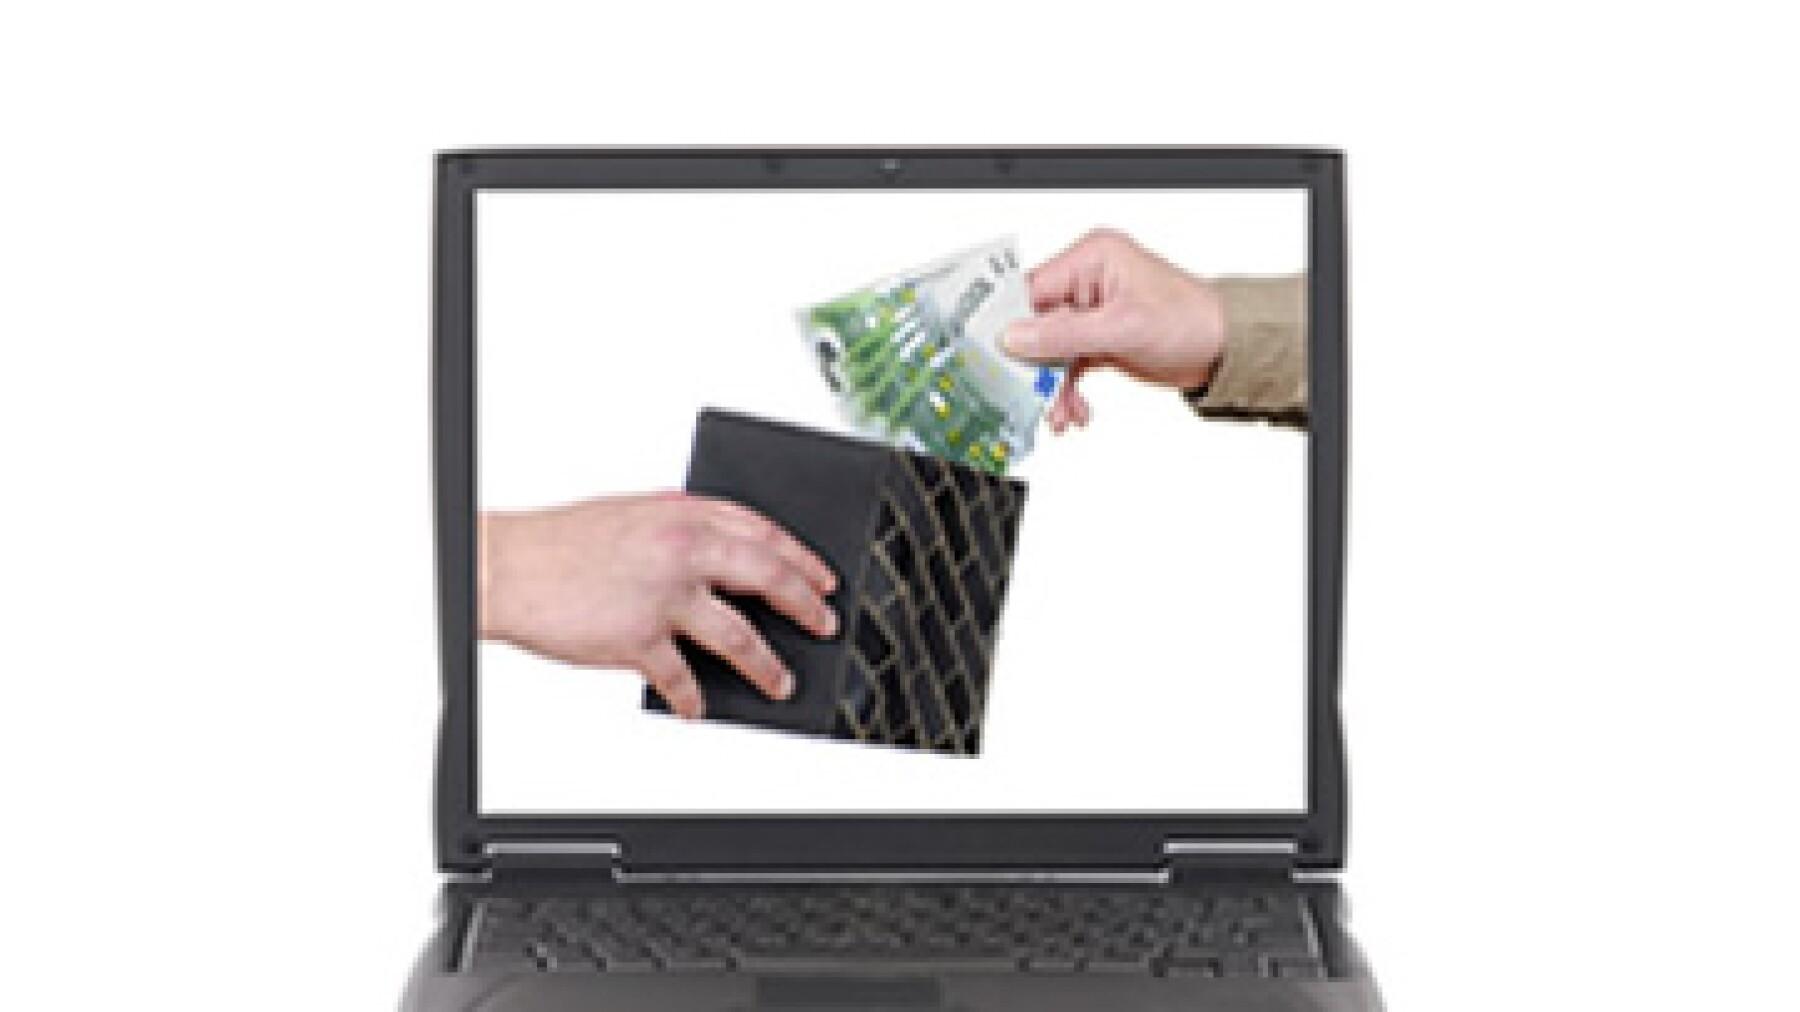 En 2011, el mercado de e-commerce facturó 46,700 mdp, 28% más que en 2010, según la Asociación Mexicana de Internet. (Foto: Photos to Go)